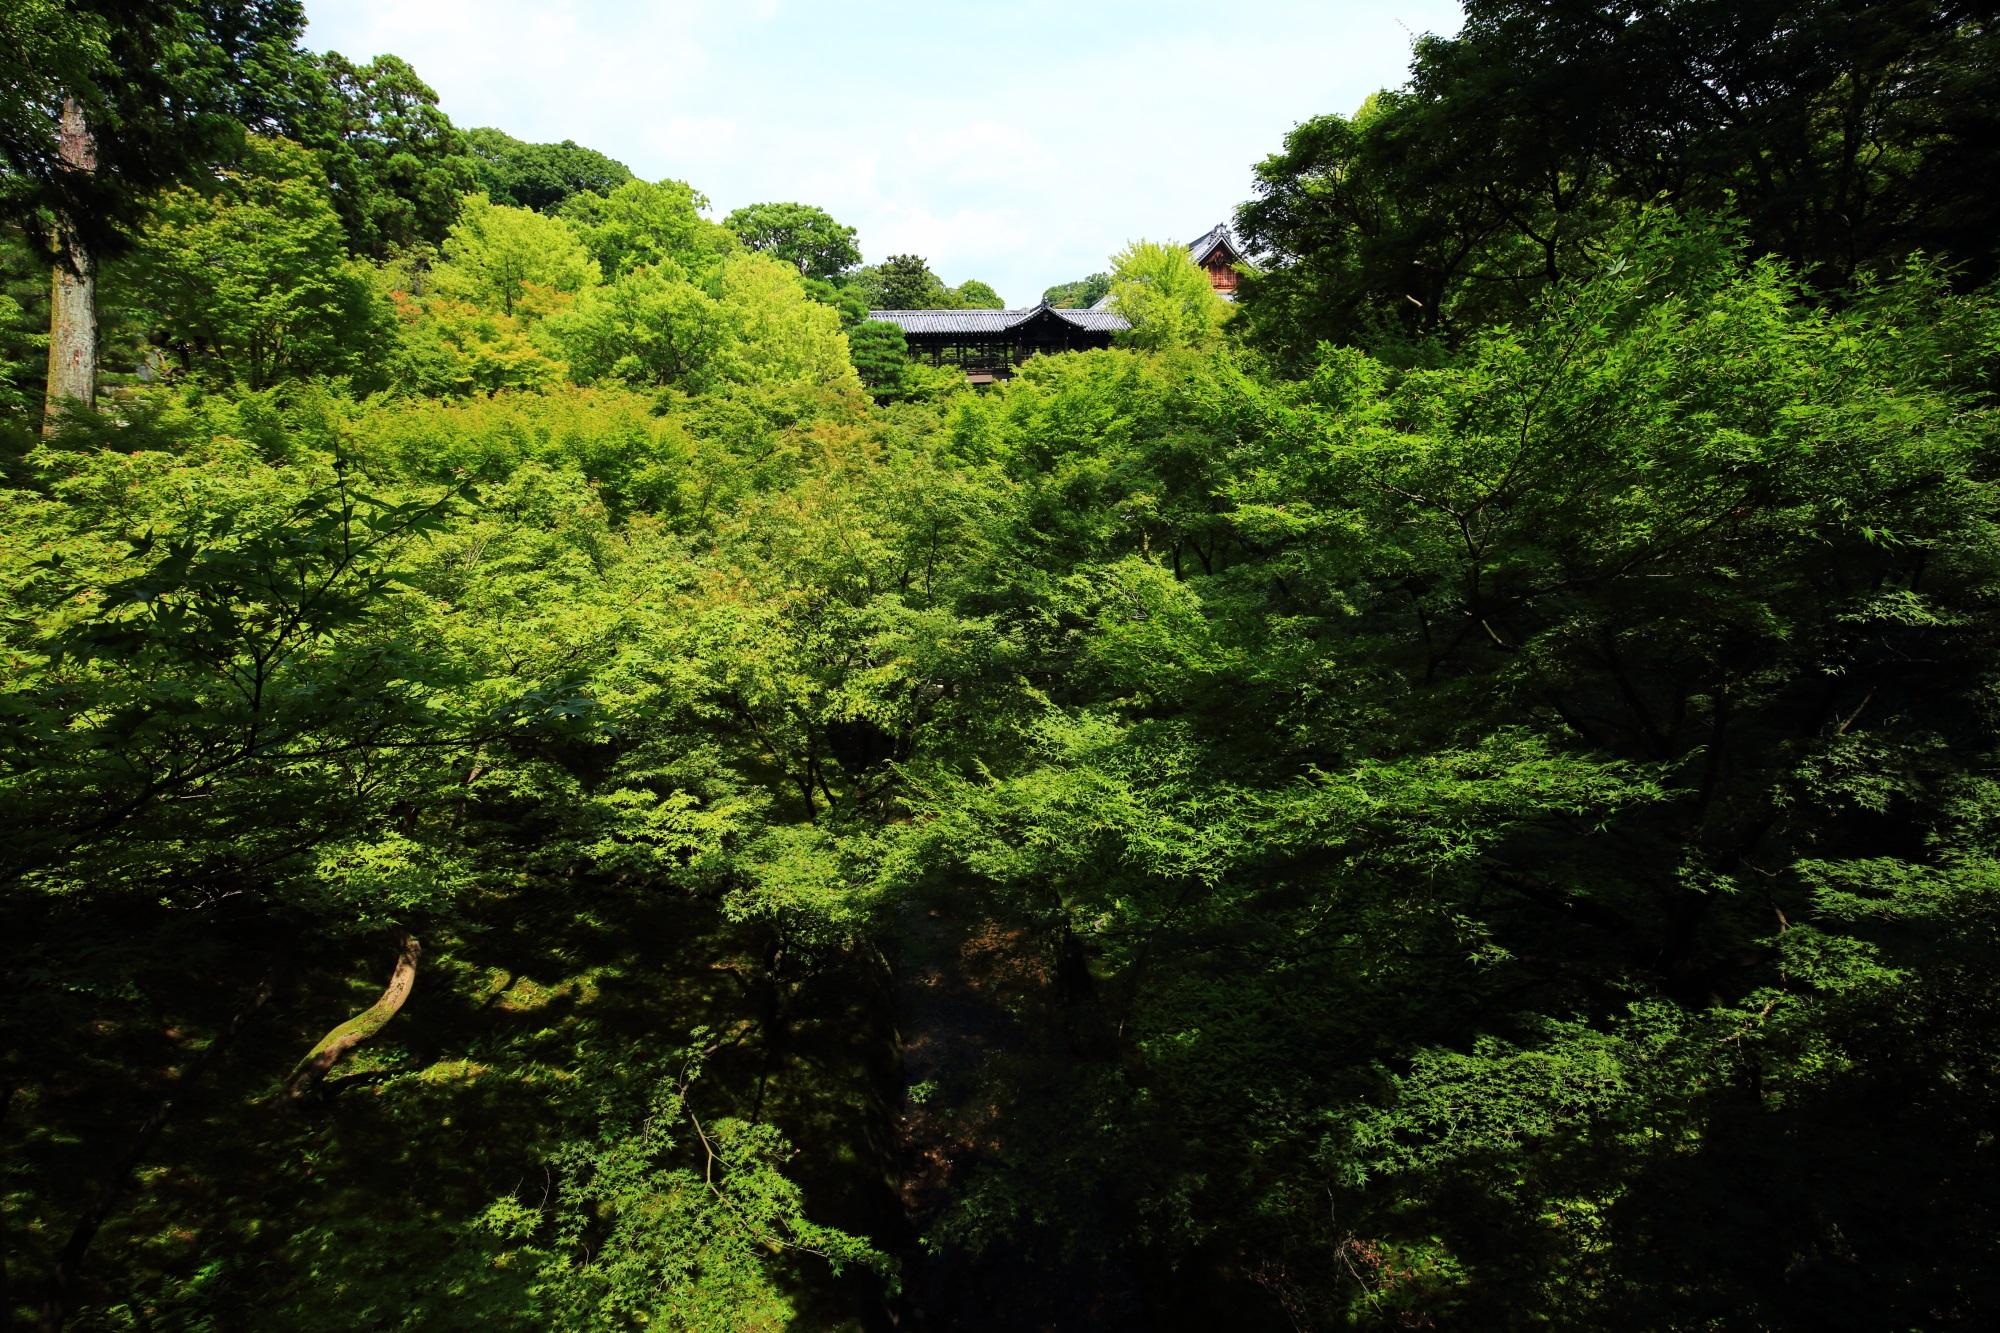 東福寺の臥雲橋から眺めた通天橋と圧巻の青もみじ